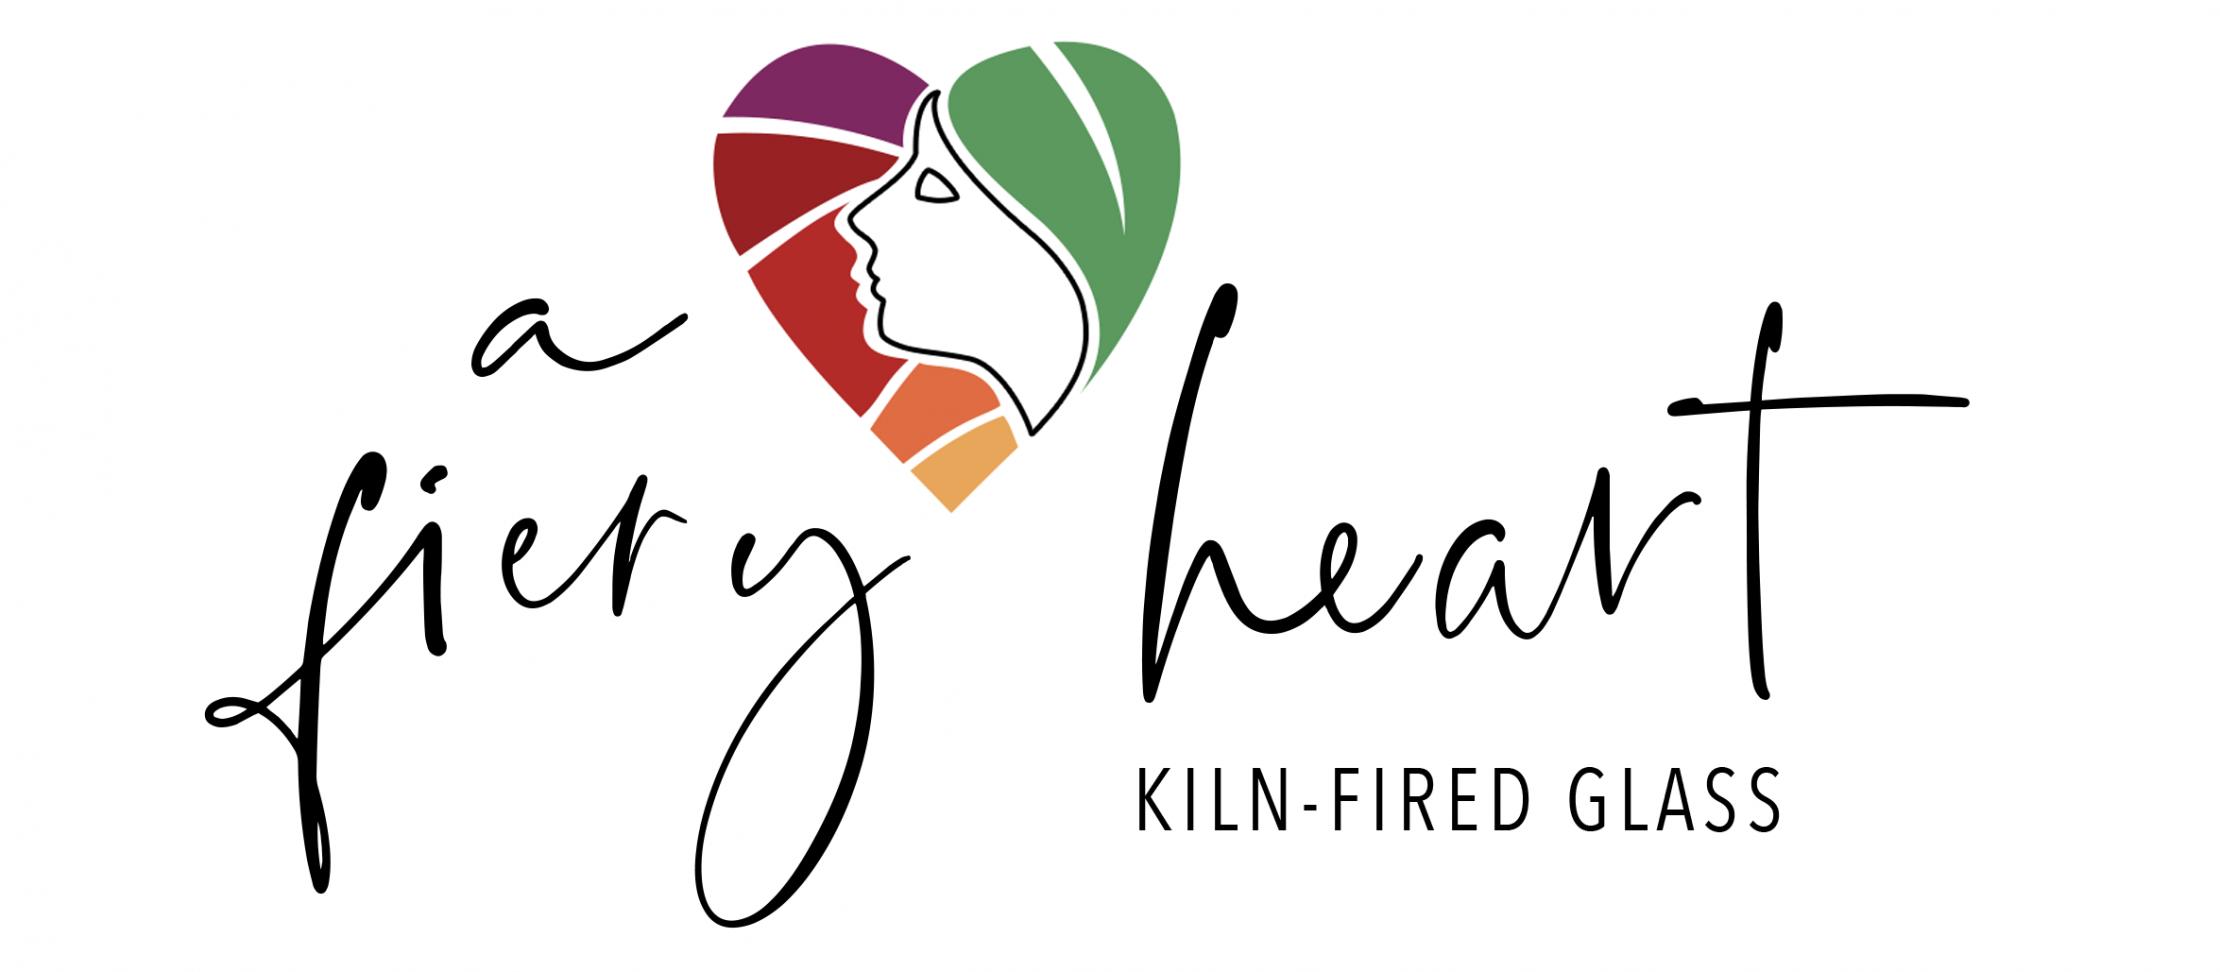 A Fiery Heart: Kiln-fired glass